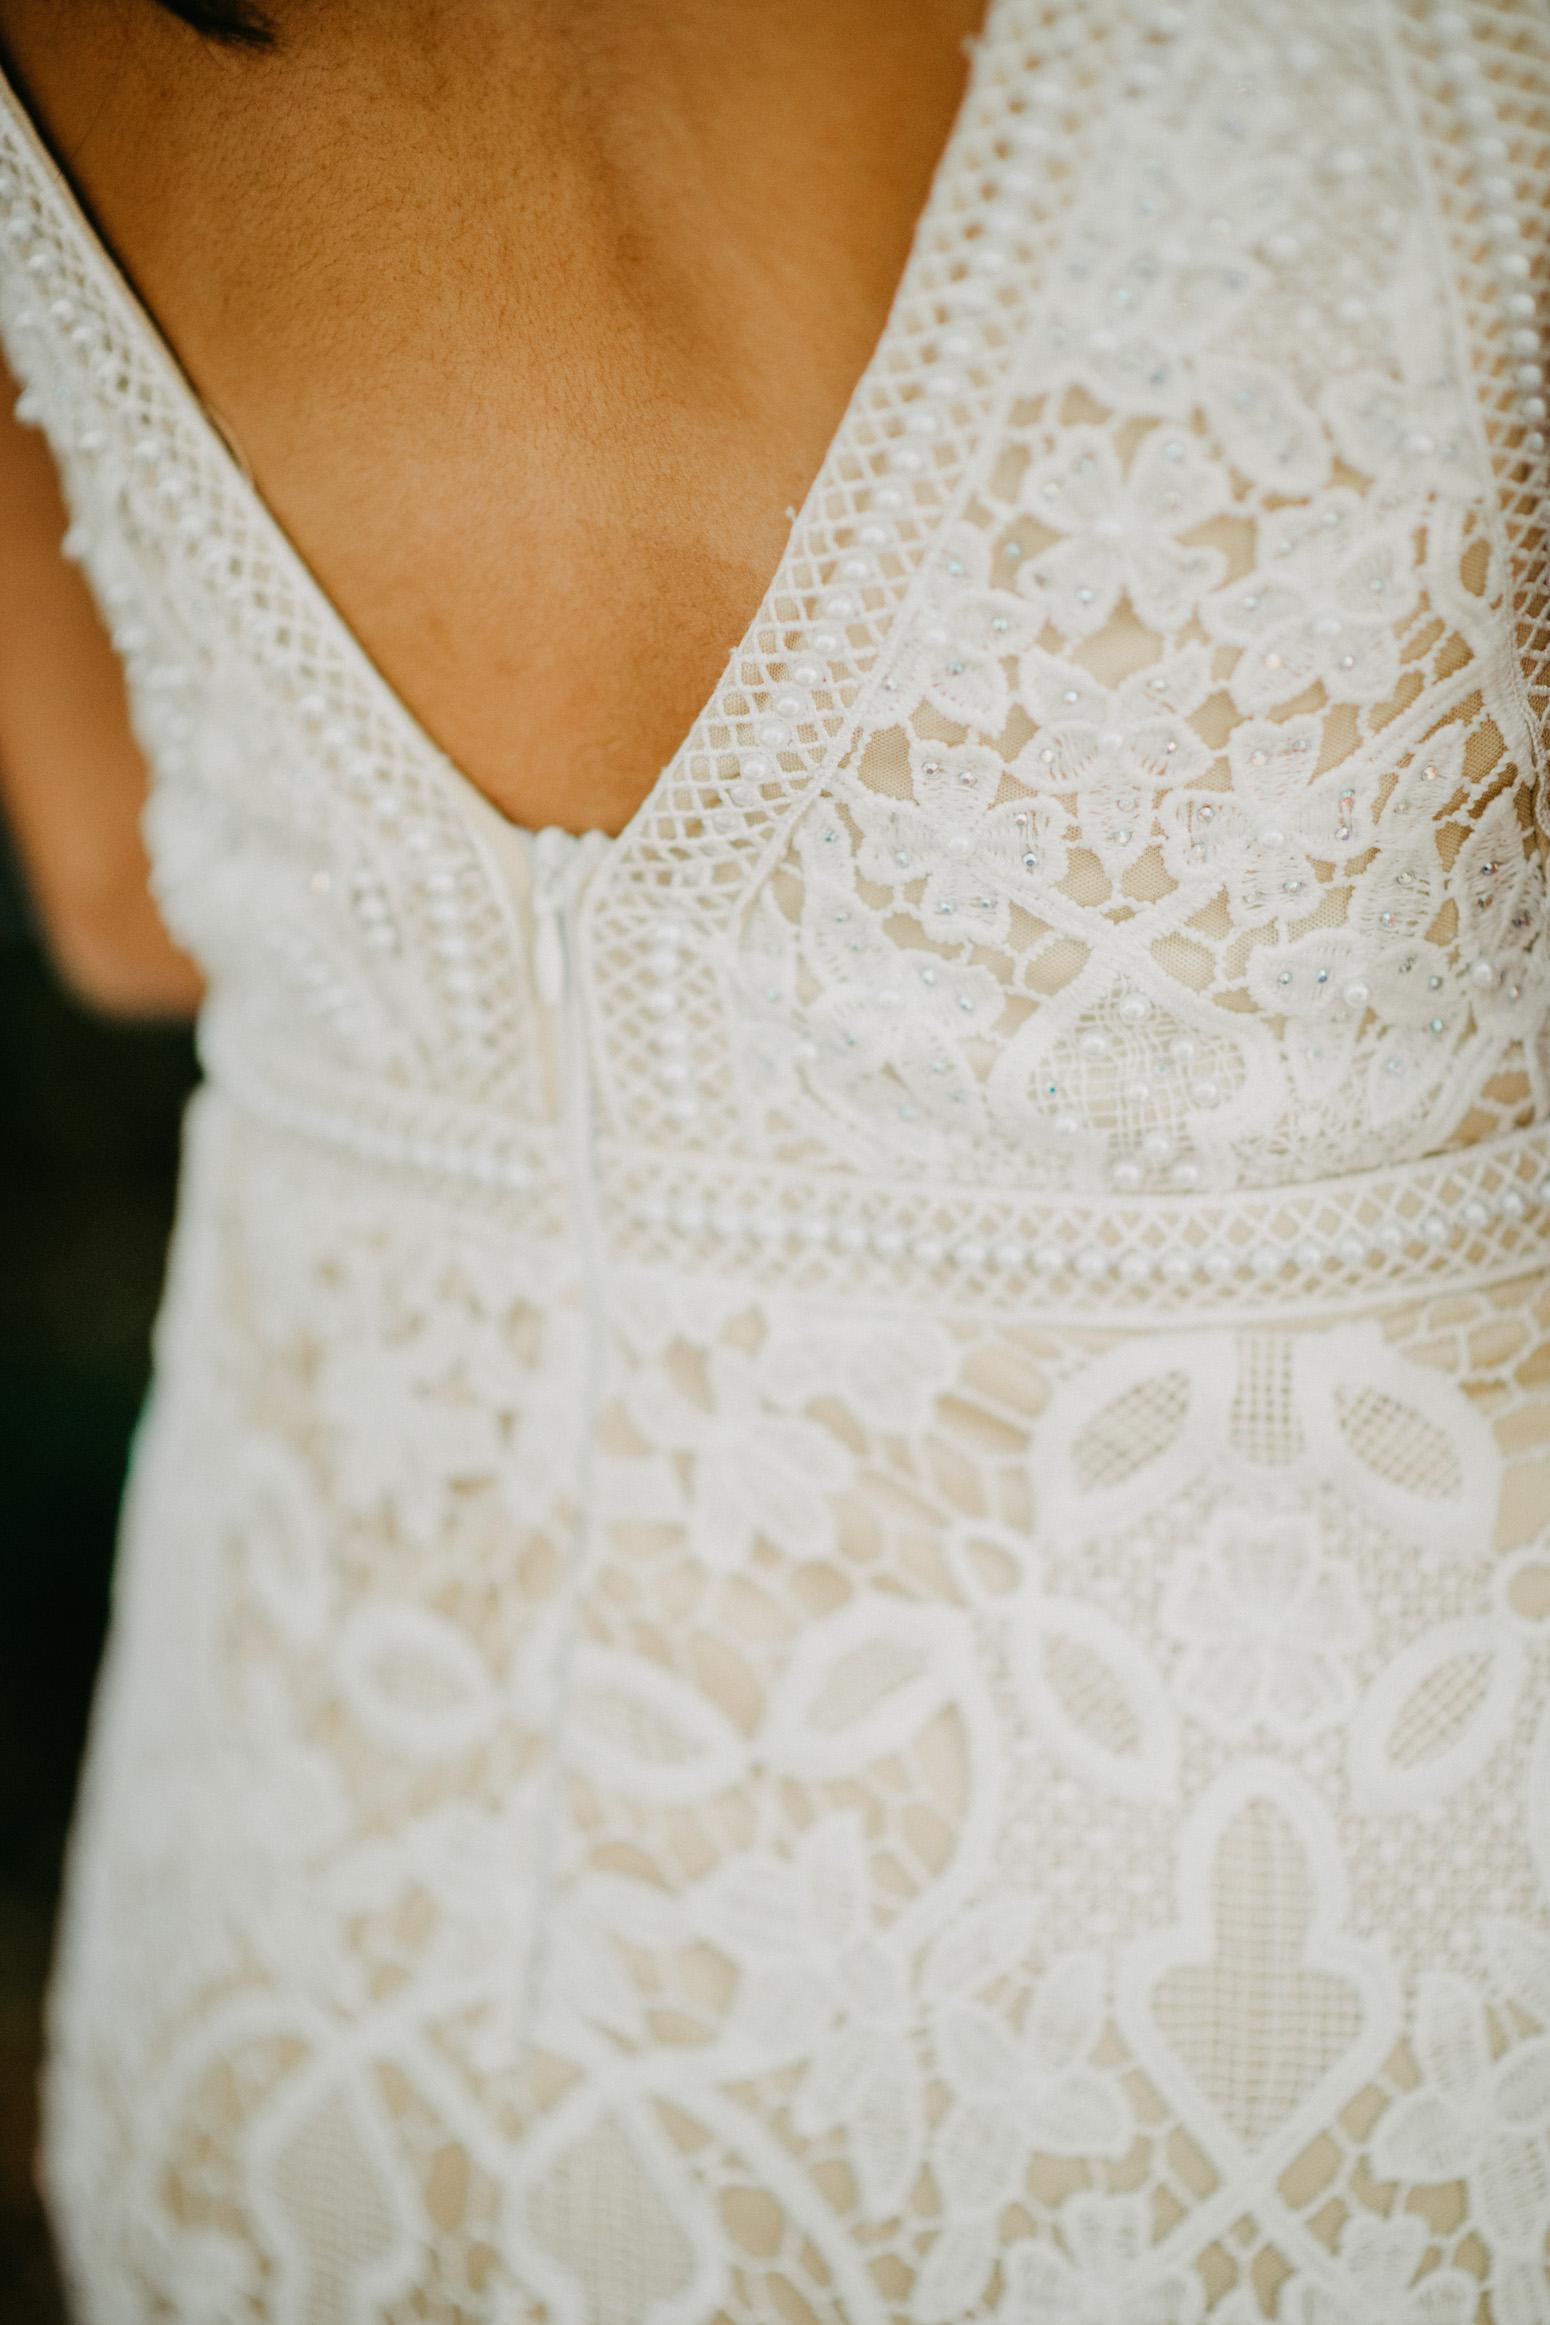 Detailfoto des Kleides, Foto von Genuine Bonds